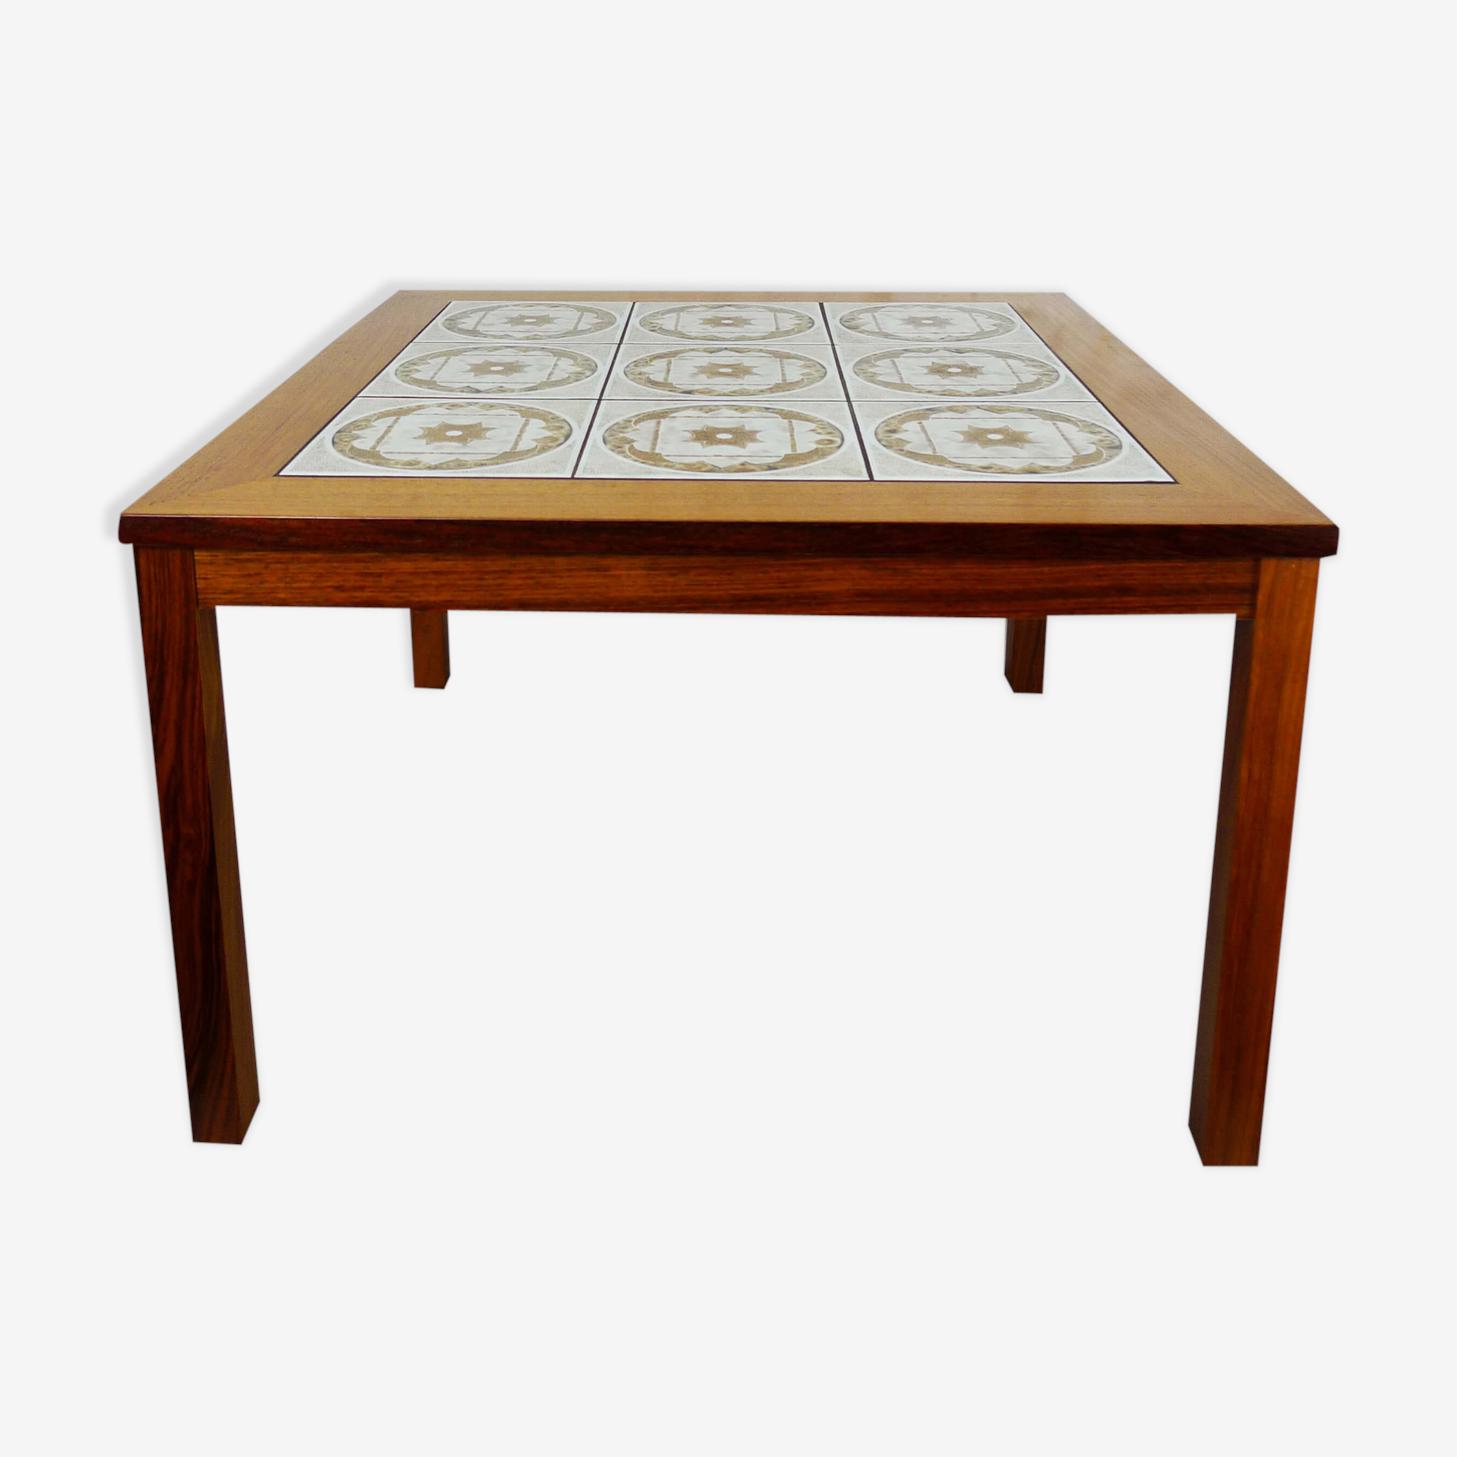 Table en teck avec céramique, Danemark, 1970